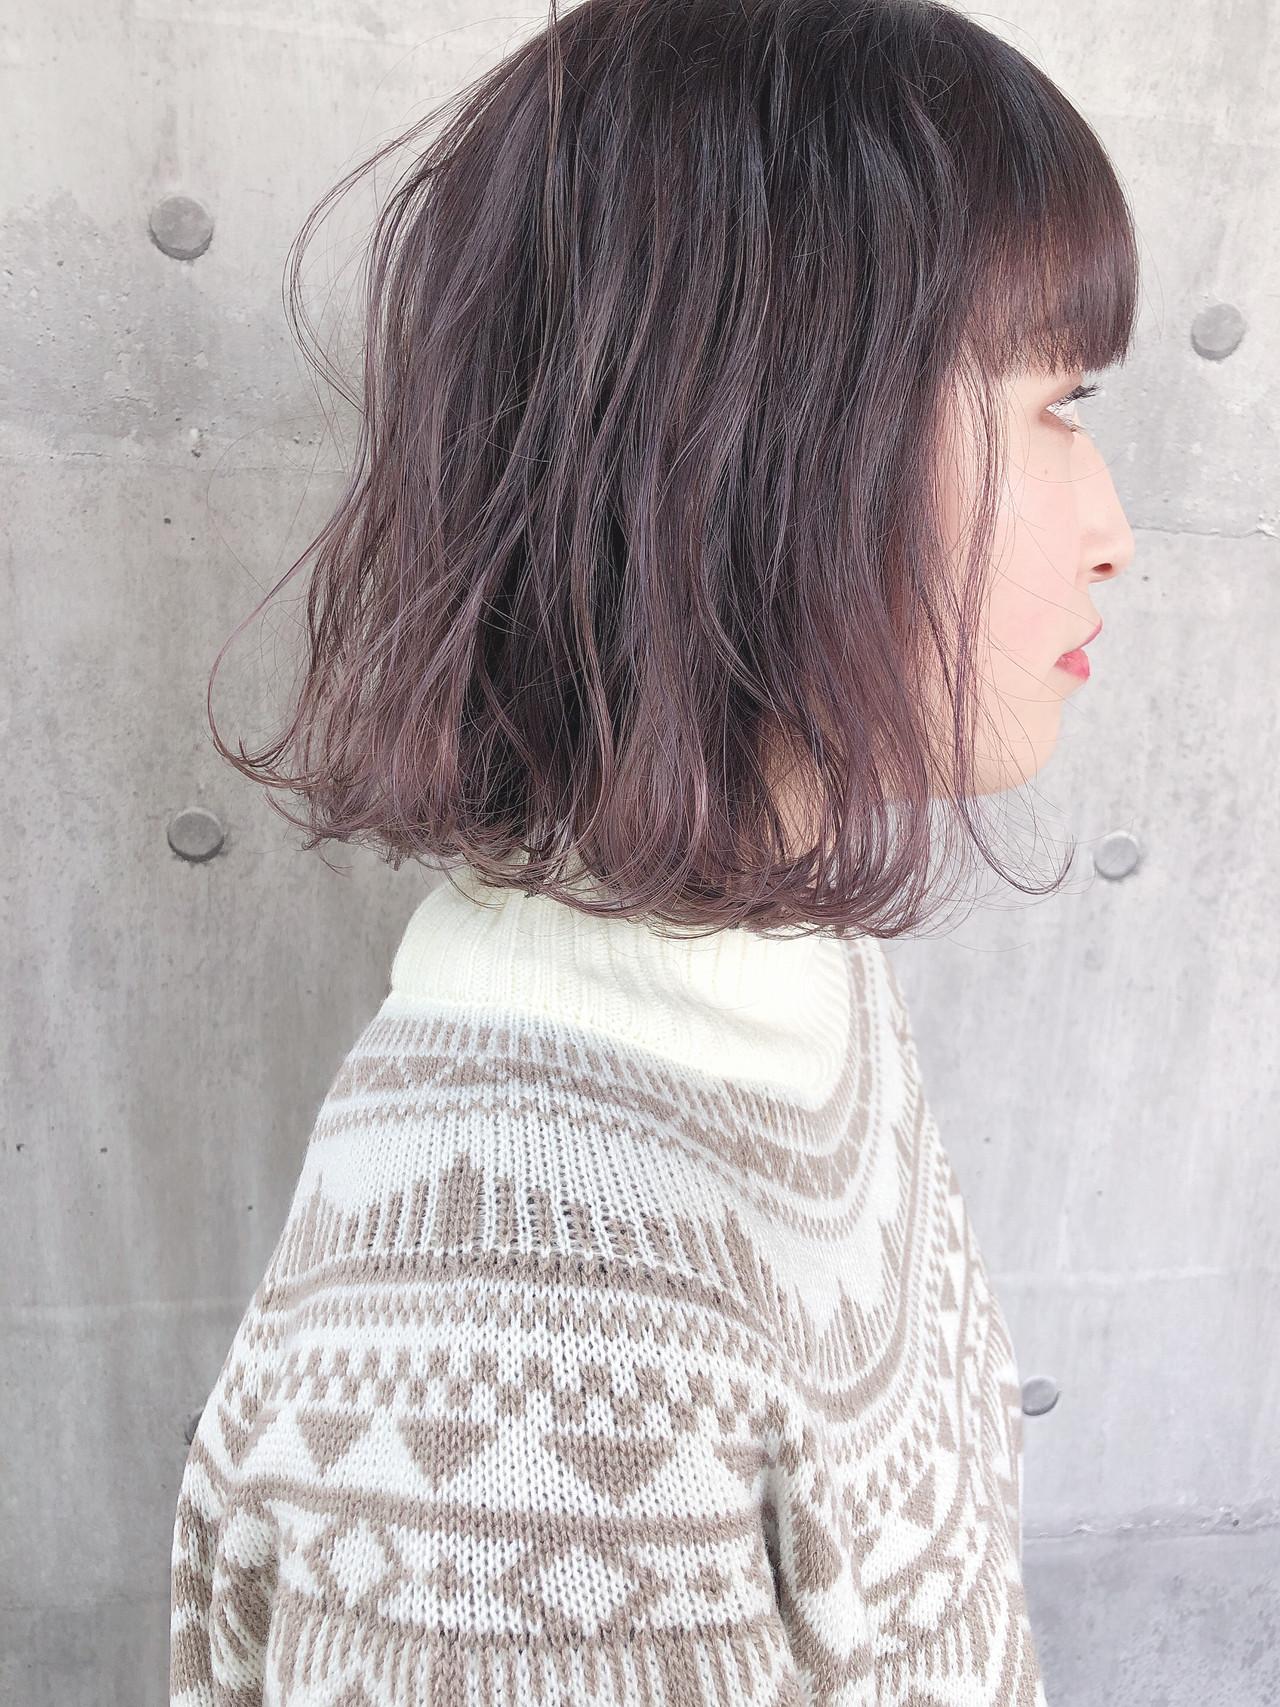 外ハネボブ ラベンダーピンク ボブ ピンクラベンダー ヘアスタイルや髪型の写真・画像